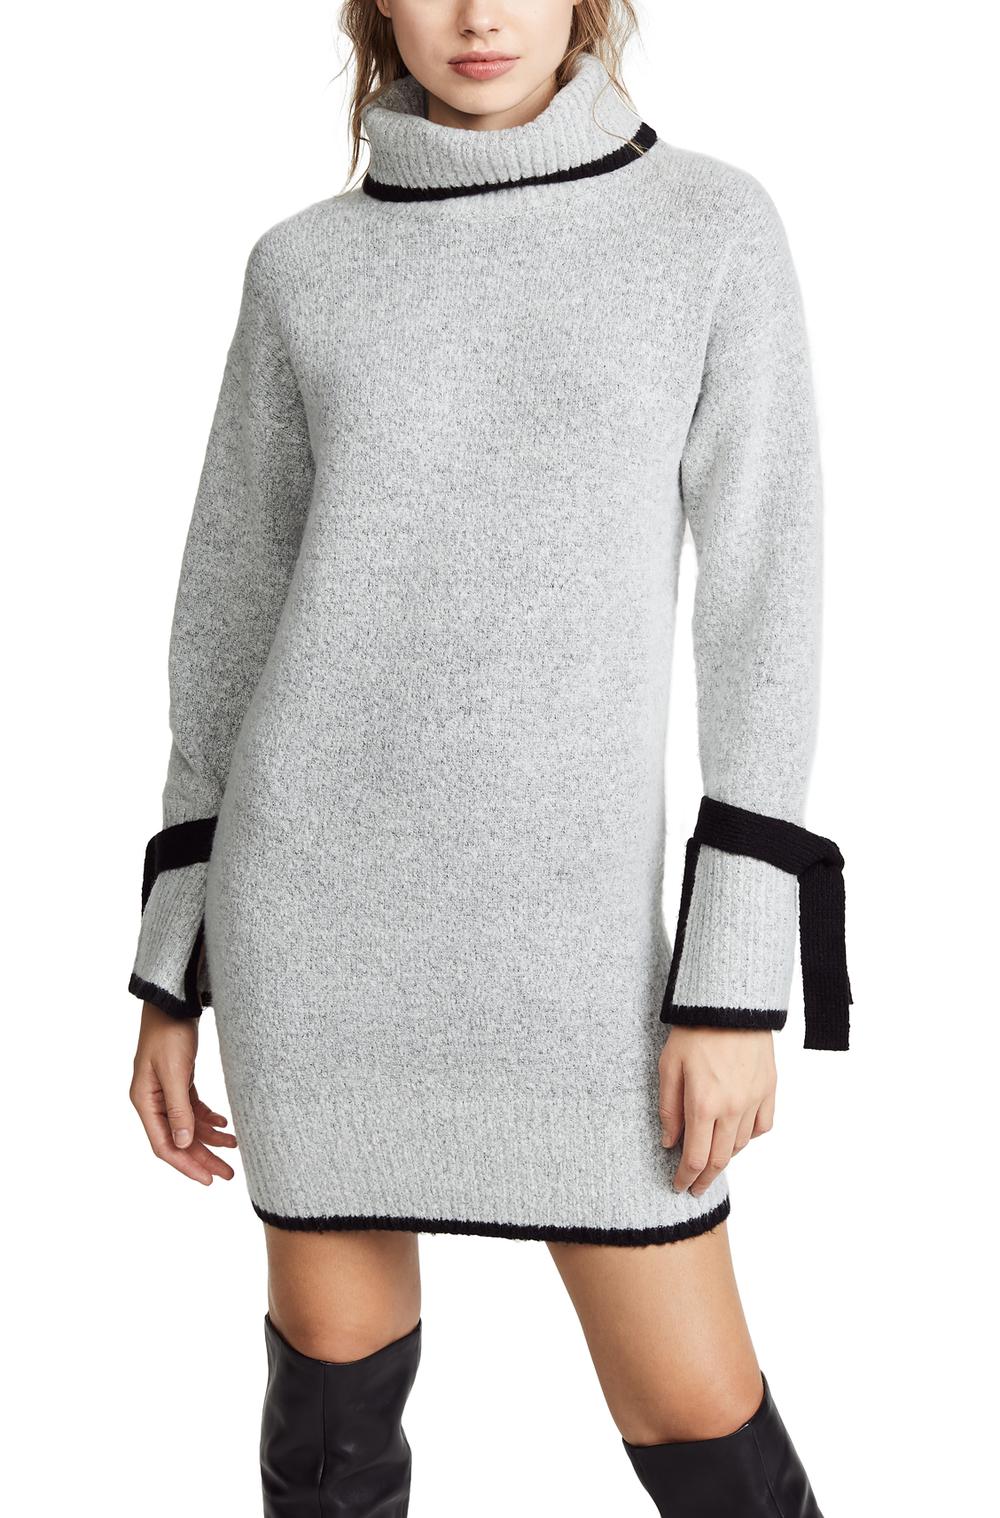 JOA Dress     $78